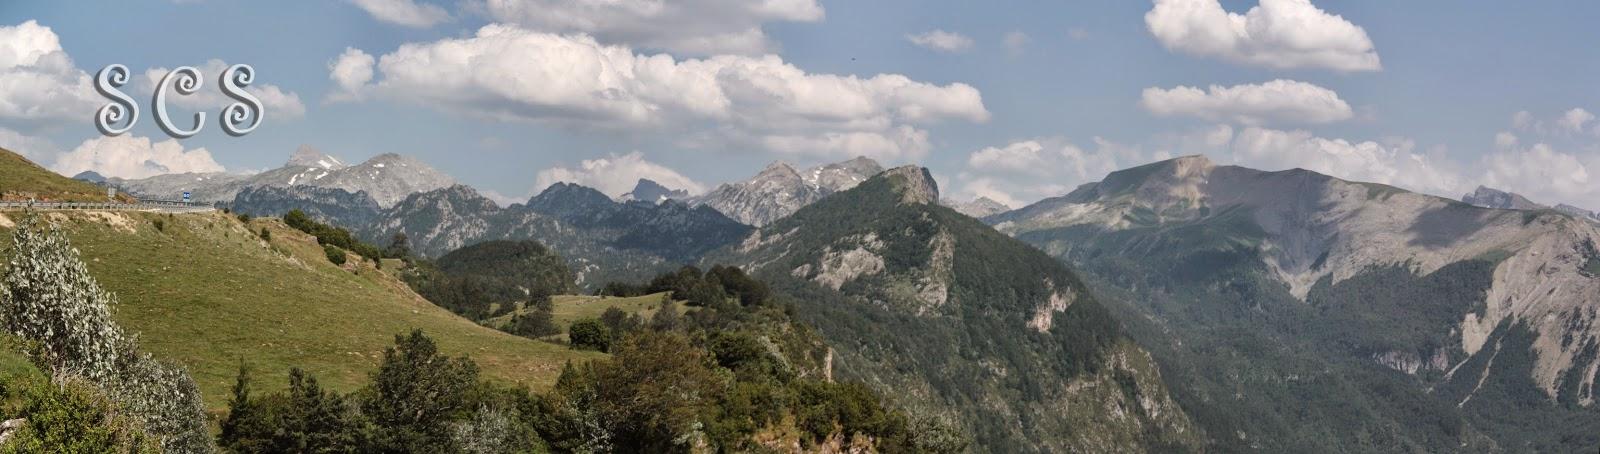 Panorámica desde el Mirador de Larra-Belagua (Navarra, España)